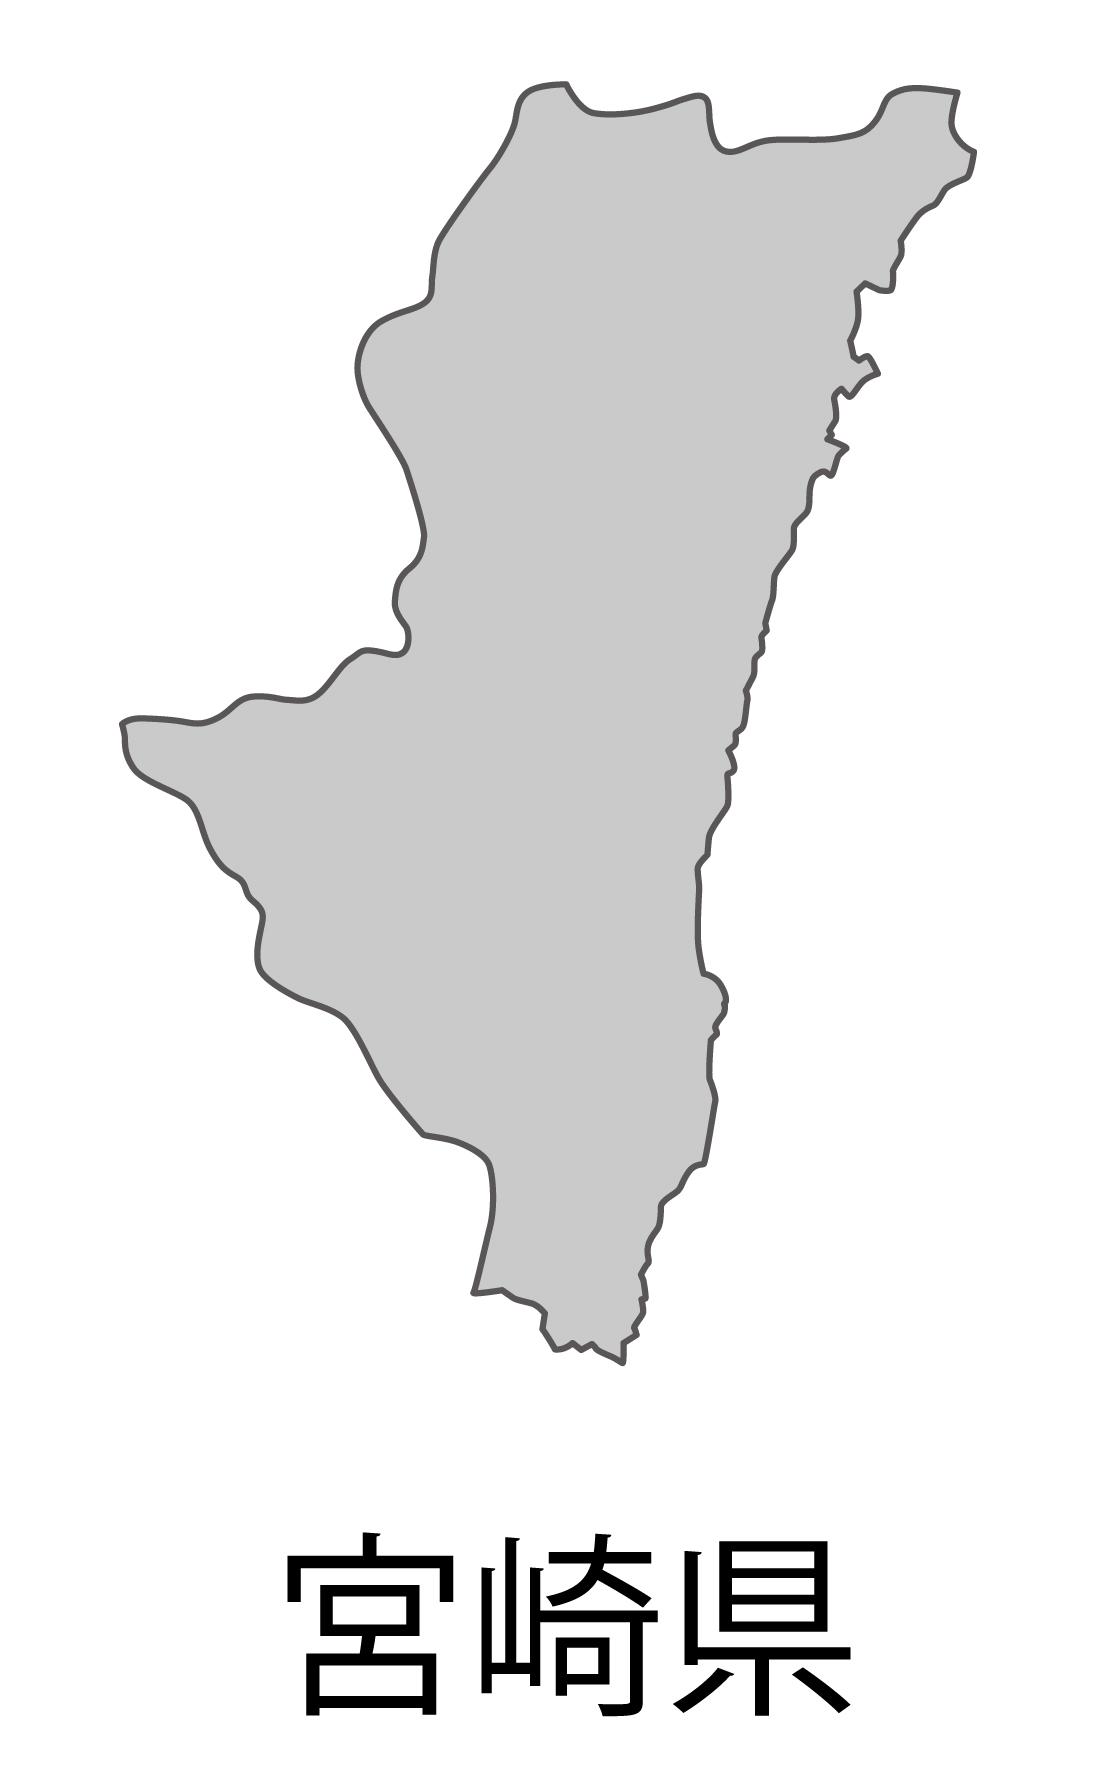 宮崎県無料フリーイラスト|日本語・都道府県名あり(グレー)